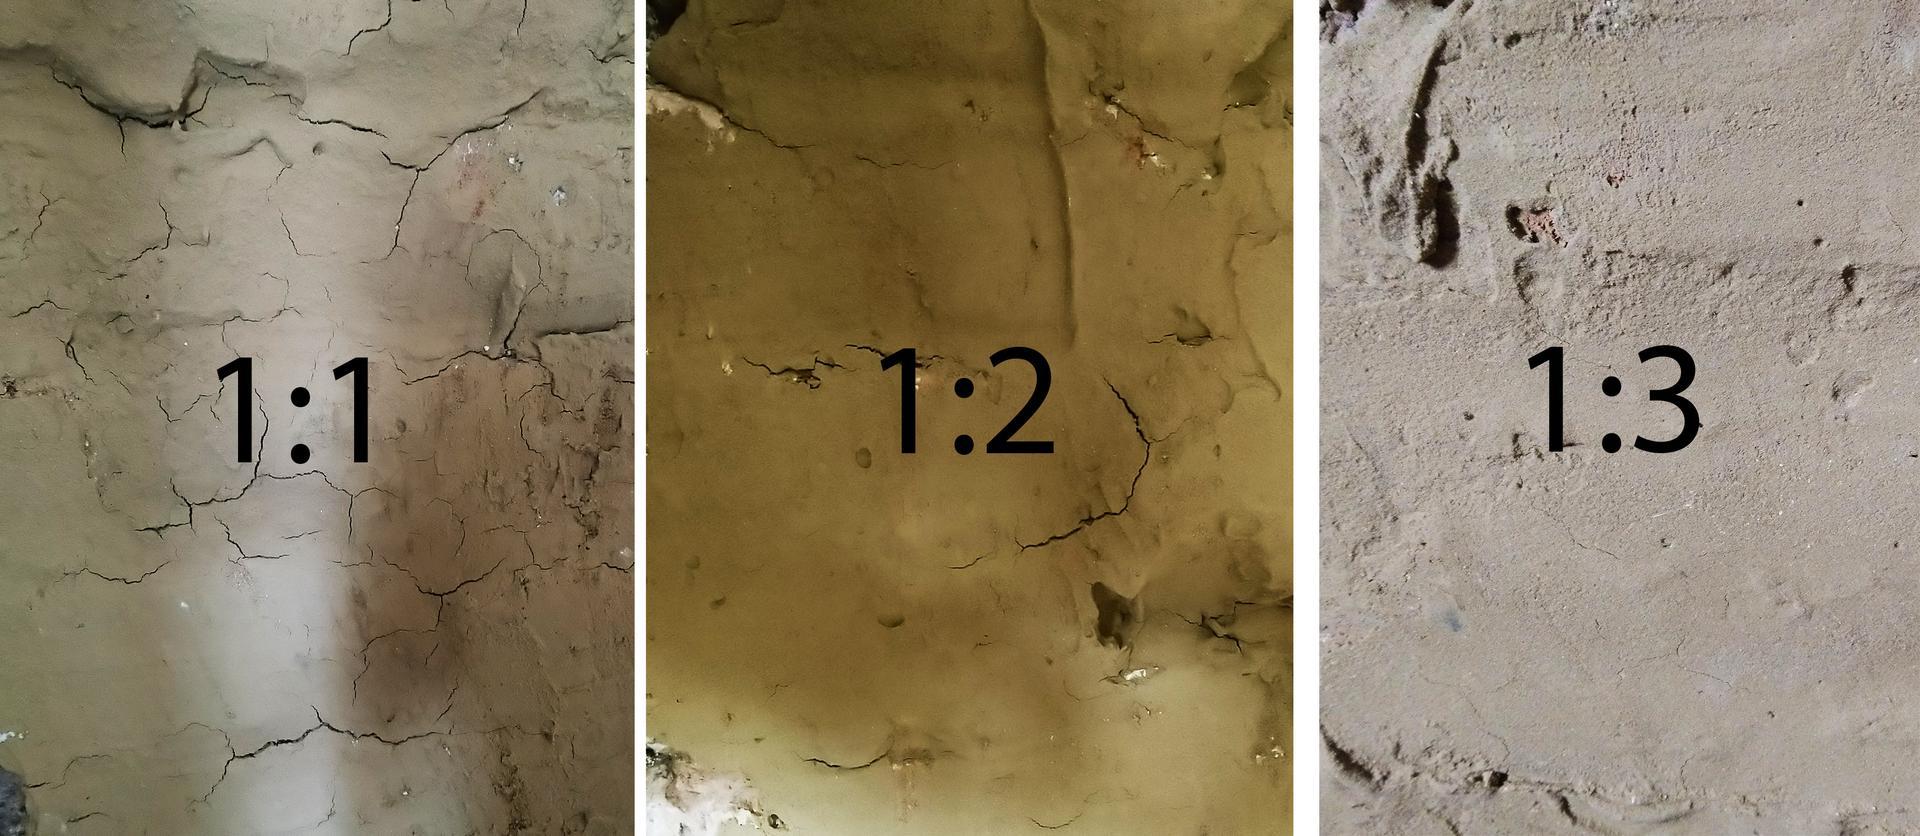 Hlinené omietky - Hlinená omietka je  zmes hliny a piesku. Správnu zmes nám odhalí tento test. Zmiešame si hlinu s pieskom v rôznych pomeroch a nanesieme na stenu. Omietka nesmie mat velké trhliny, ale ani byť  bez nich. Ideálne sú malé, 1 - 3 cm dlhé a pár mm široké